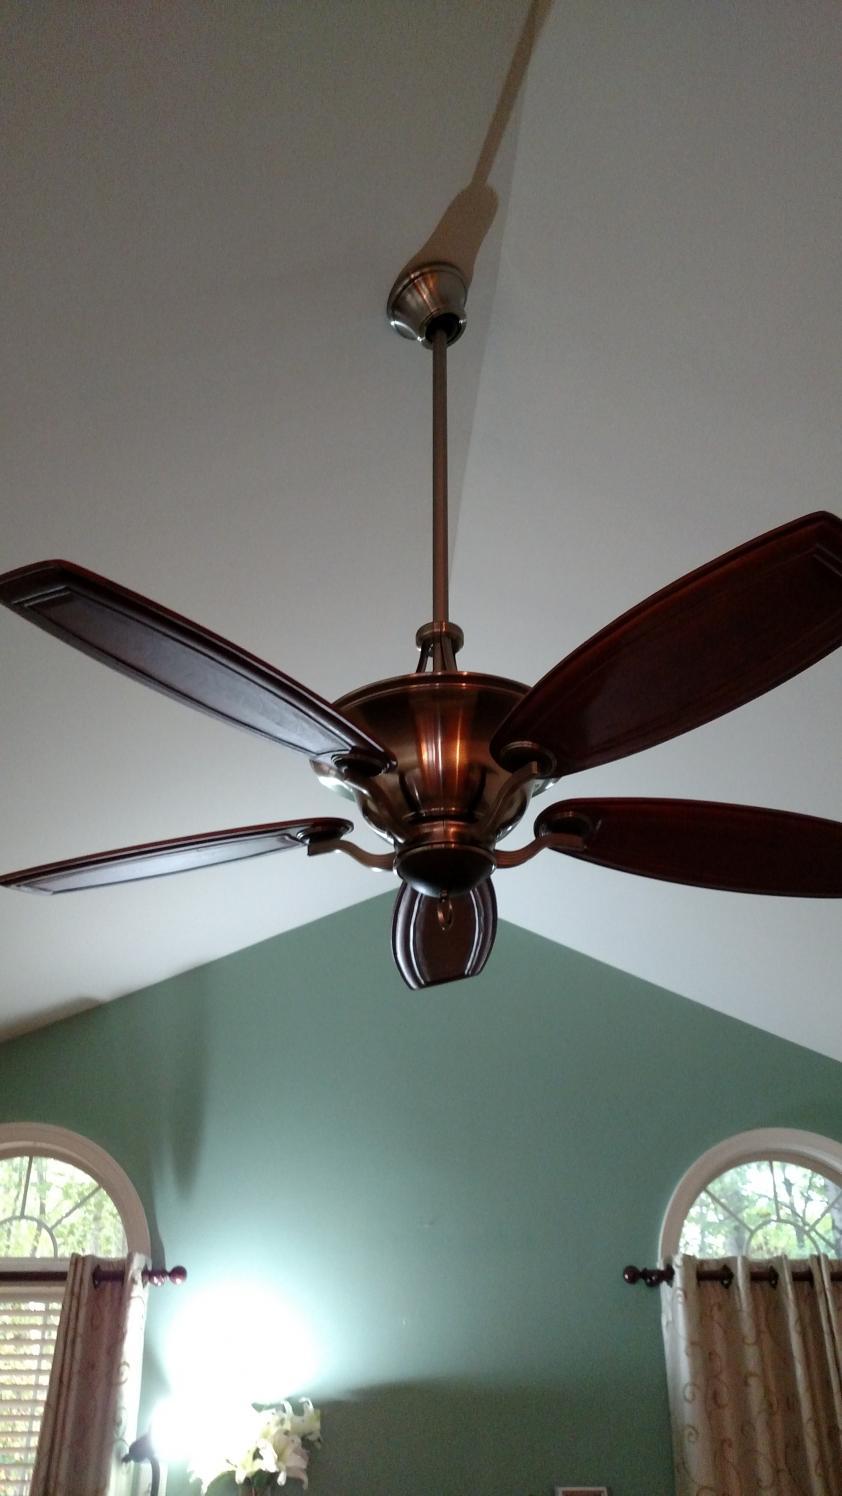 Hunter Ceiling Fan Model 20578 Wiring Diagram.html